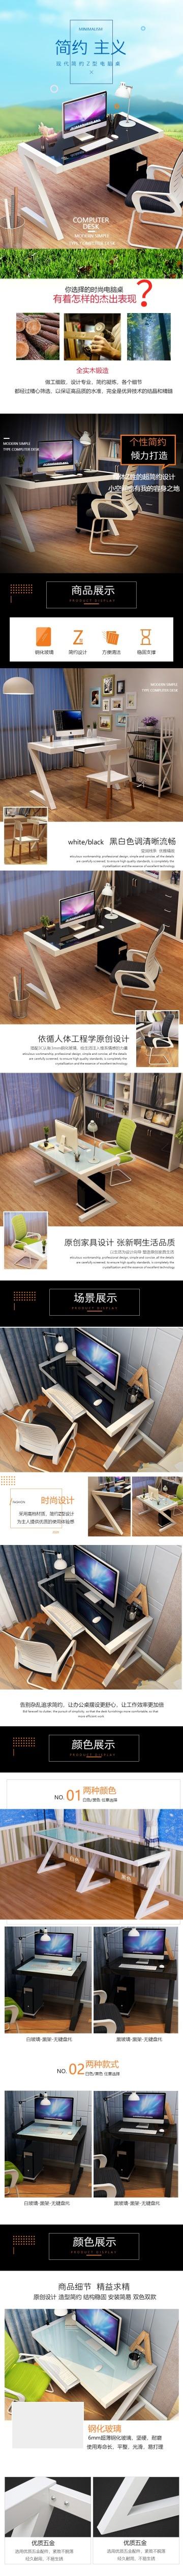 清新简约百货零售家居生活家具电脑桌促销电商详情页